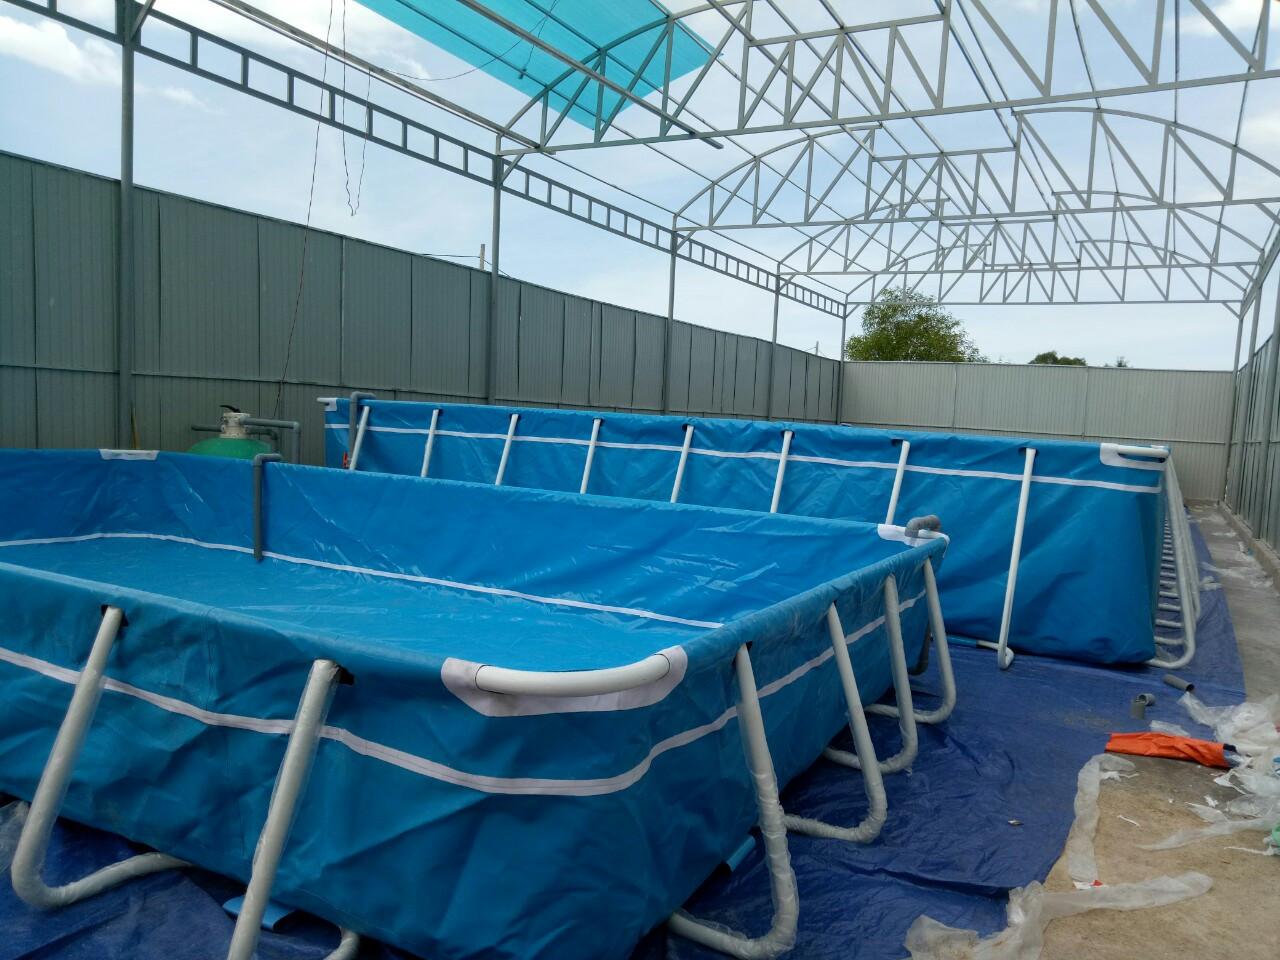 Bể Bơi Khung Kim Loại Vietpools Tại Quảng Trị KT 6.6mx12.6m - 2020 10